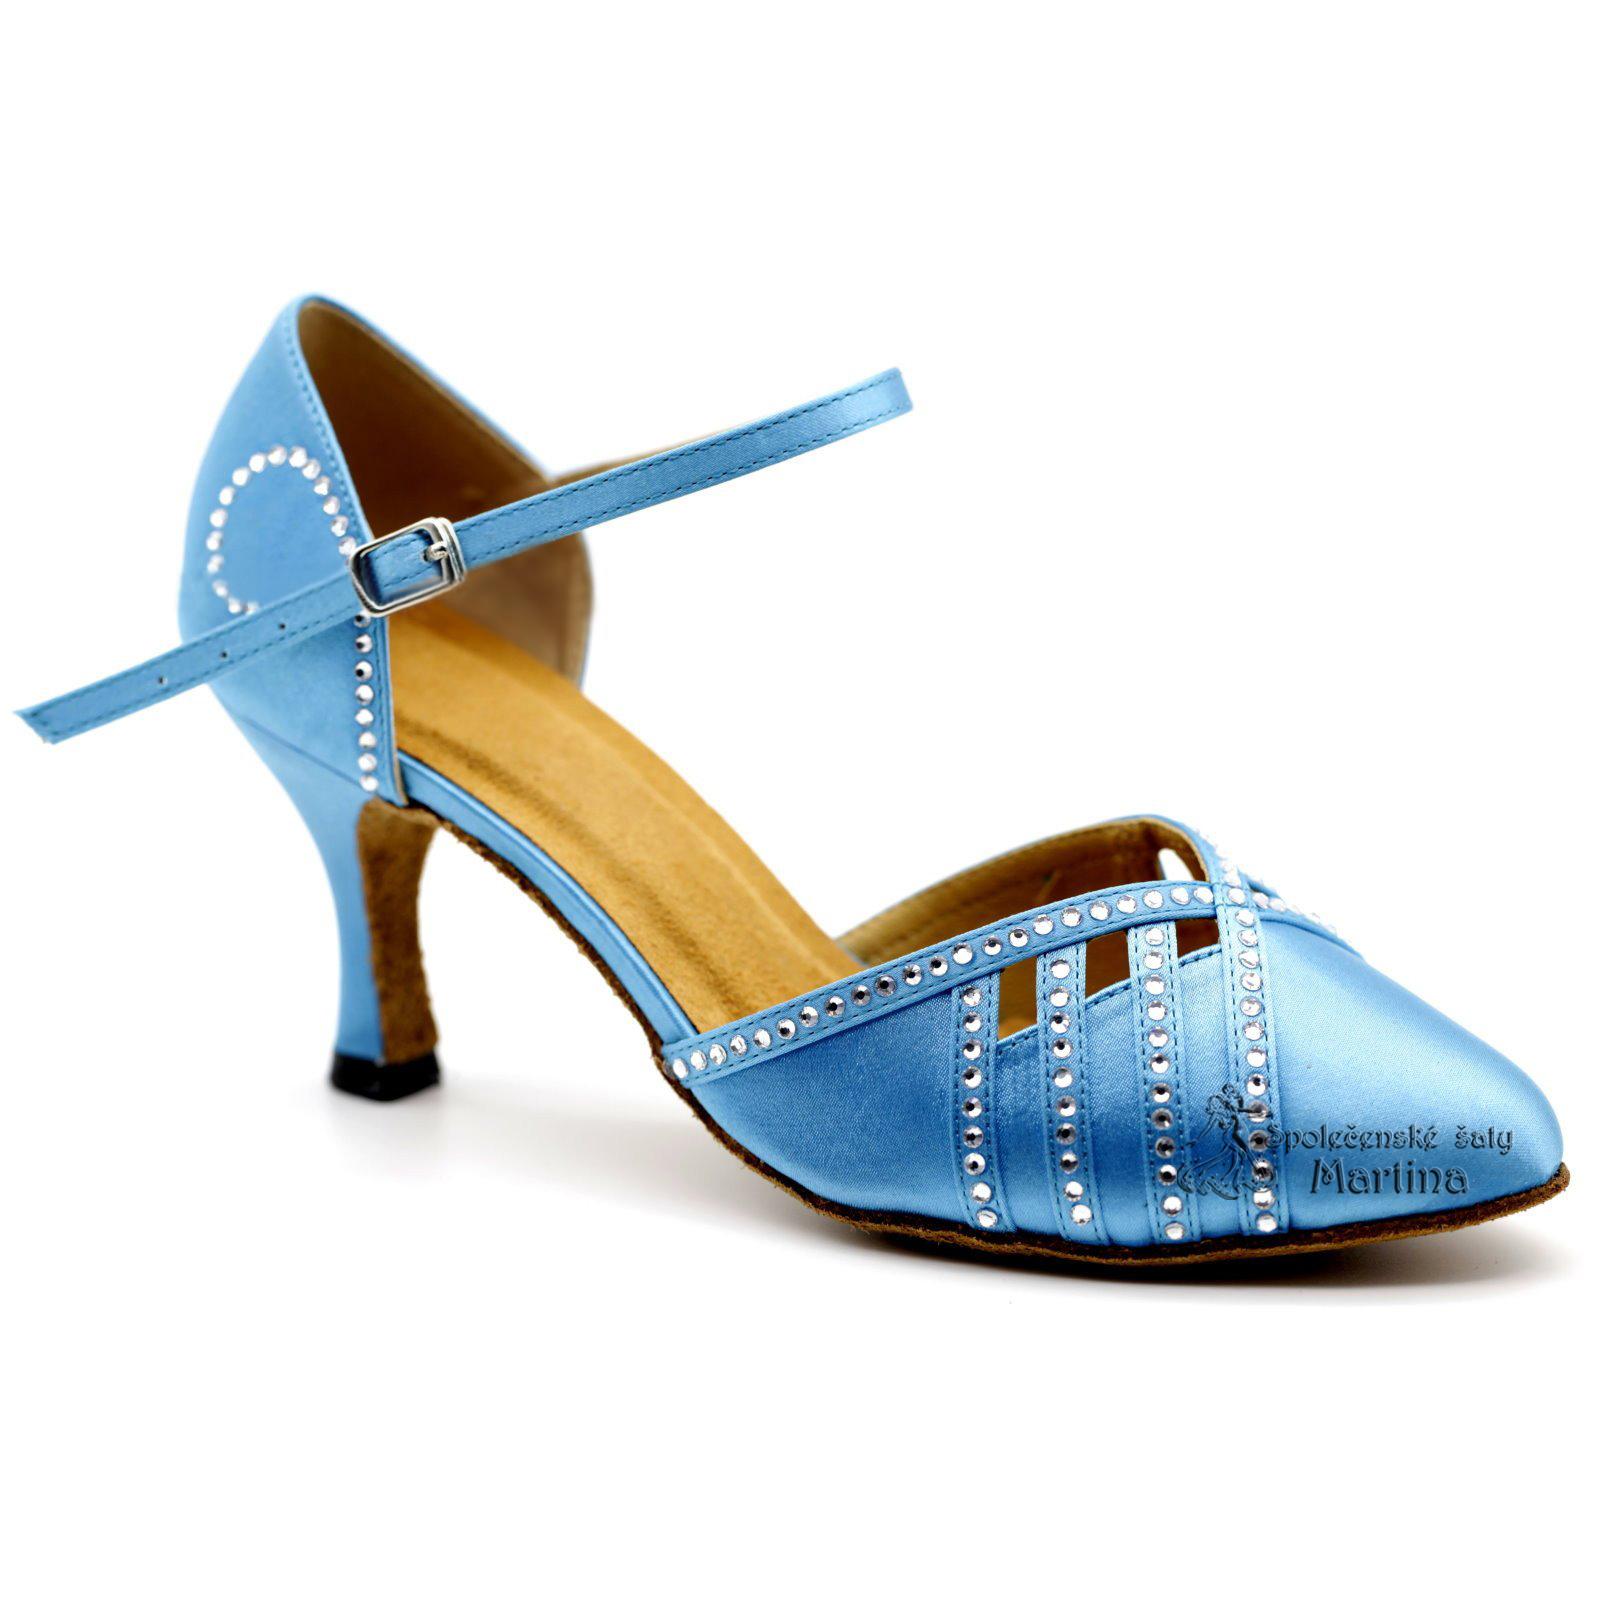 0a6f31ddf2d Taneční boty na latinu salsu